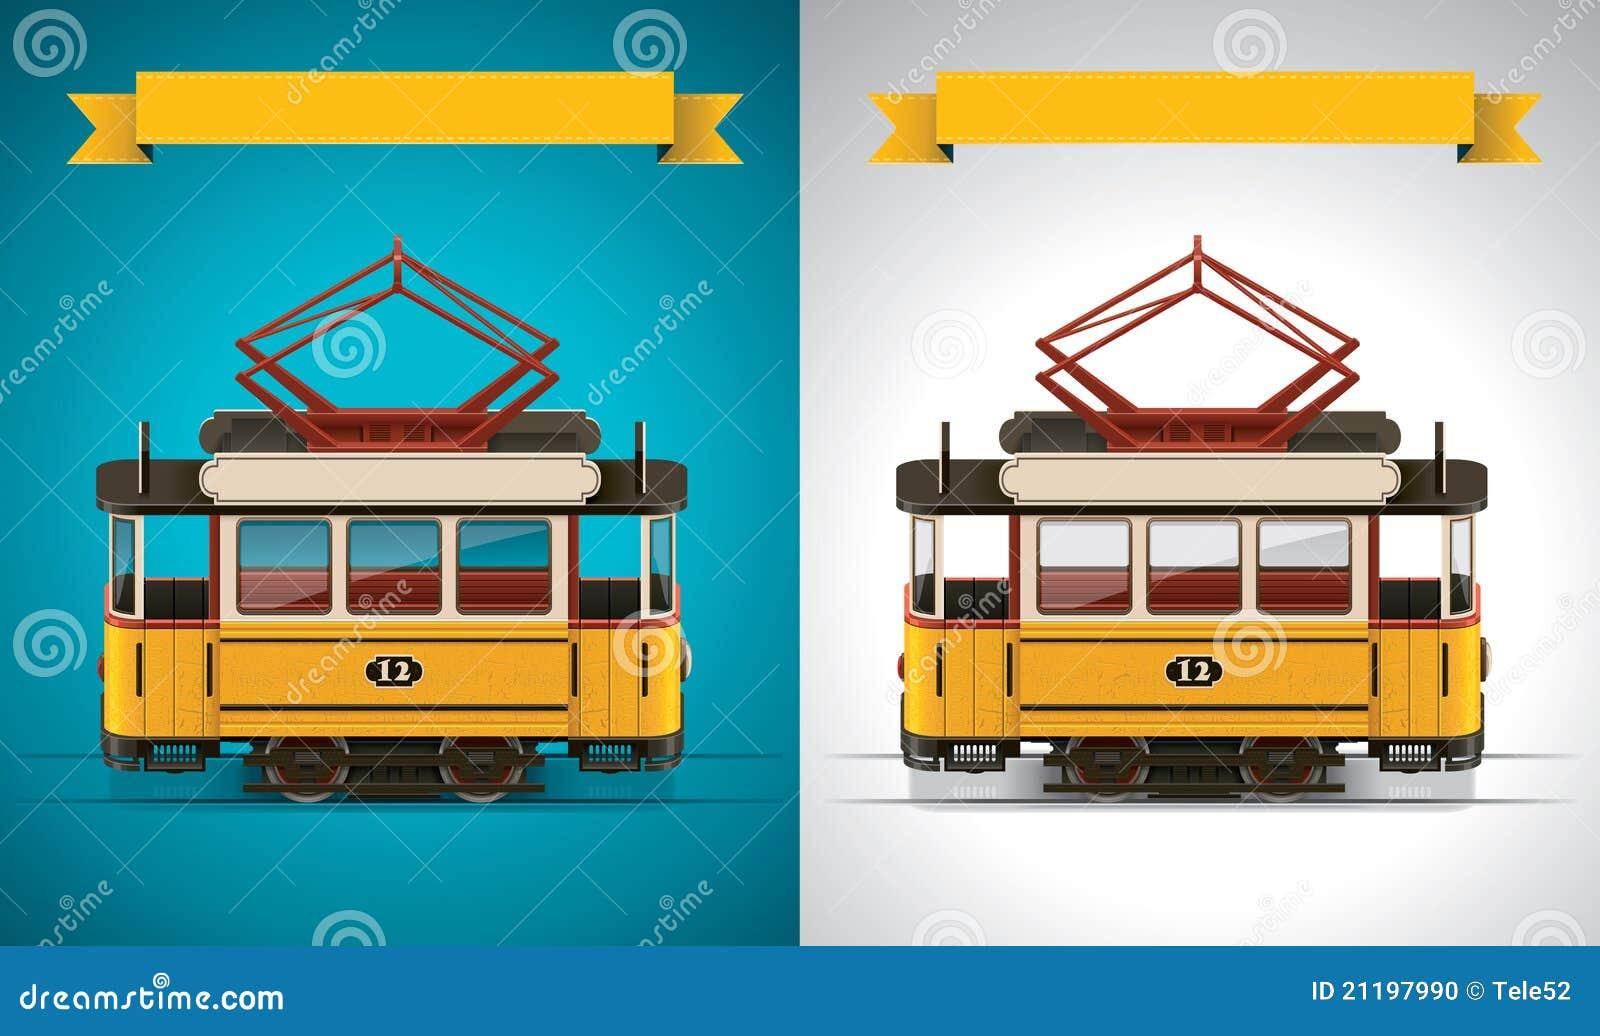 Vector retro tram XXL icon